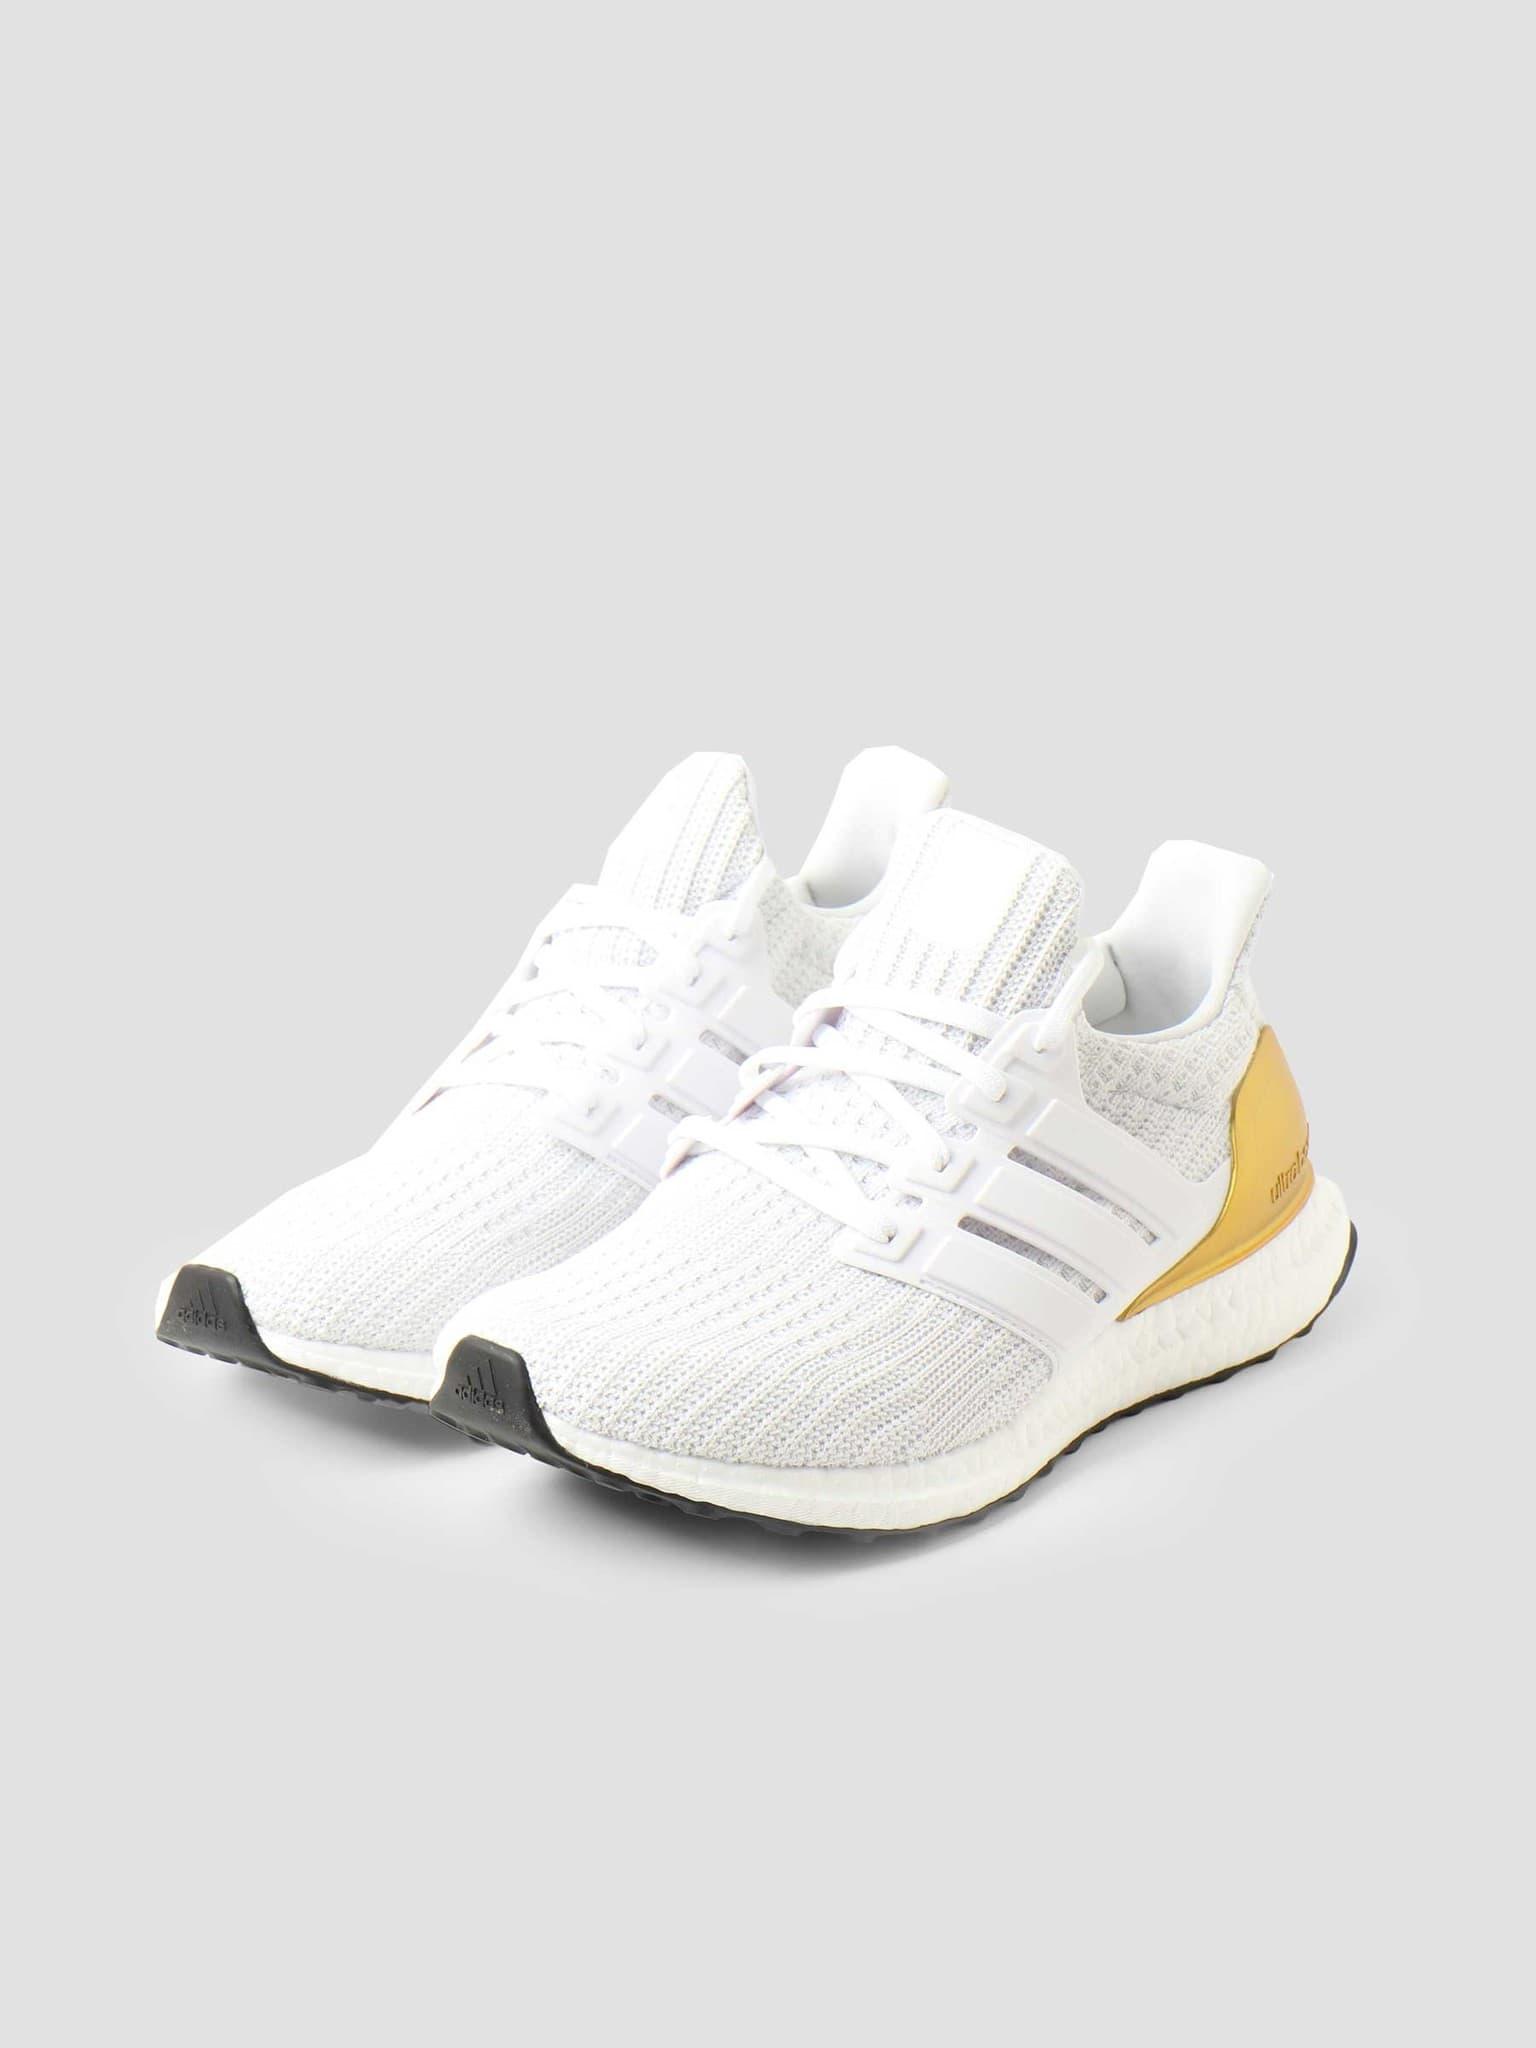 Ultraboost 4.0 Ftwr White Ftwr White Gold Met. FZ4007